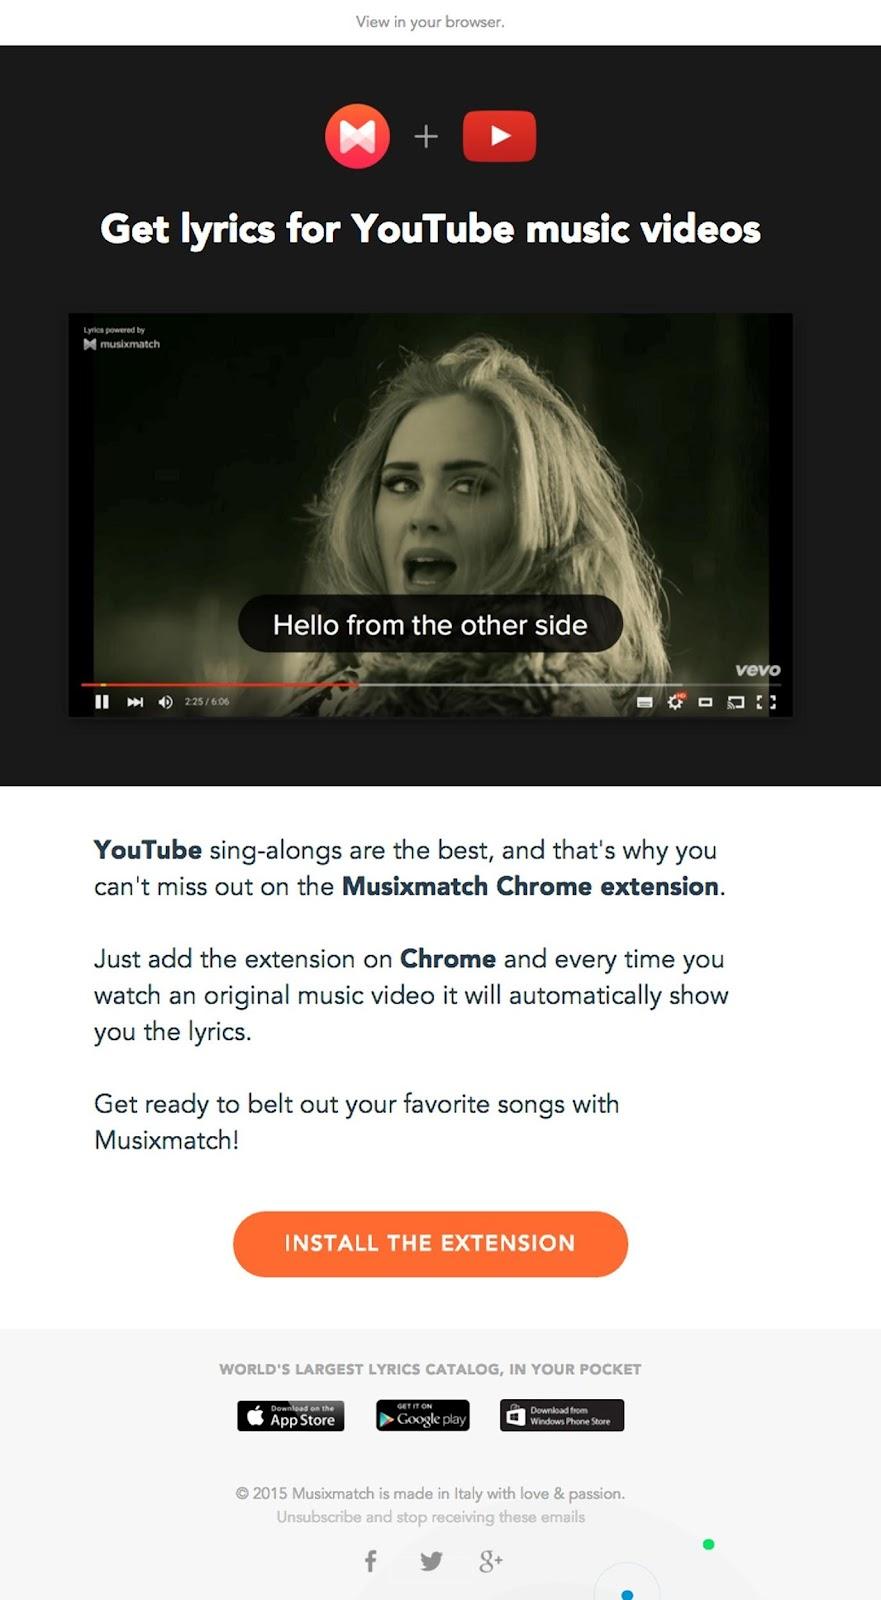 Musixmatch's Chrome extension